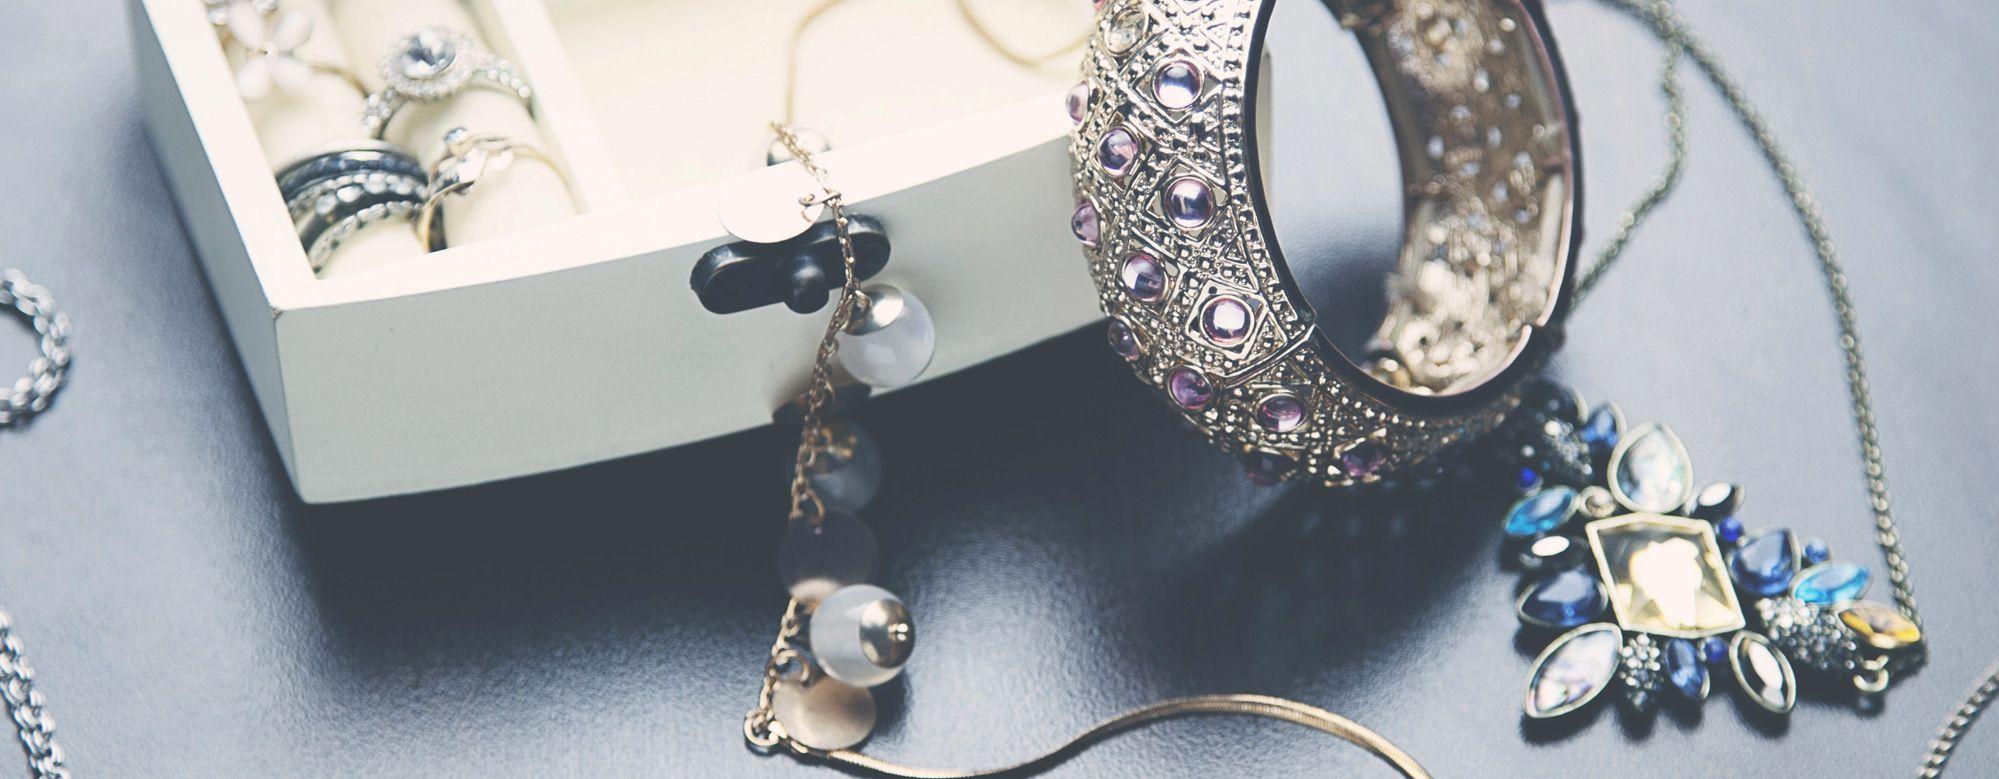 Ihr Juwelier in Rinteln